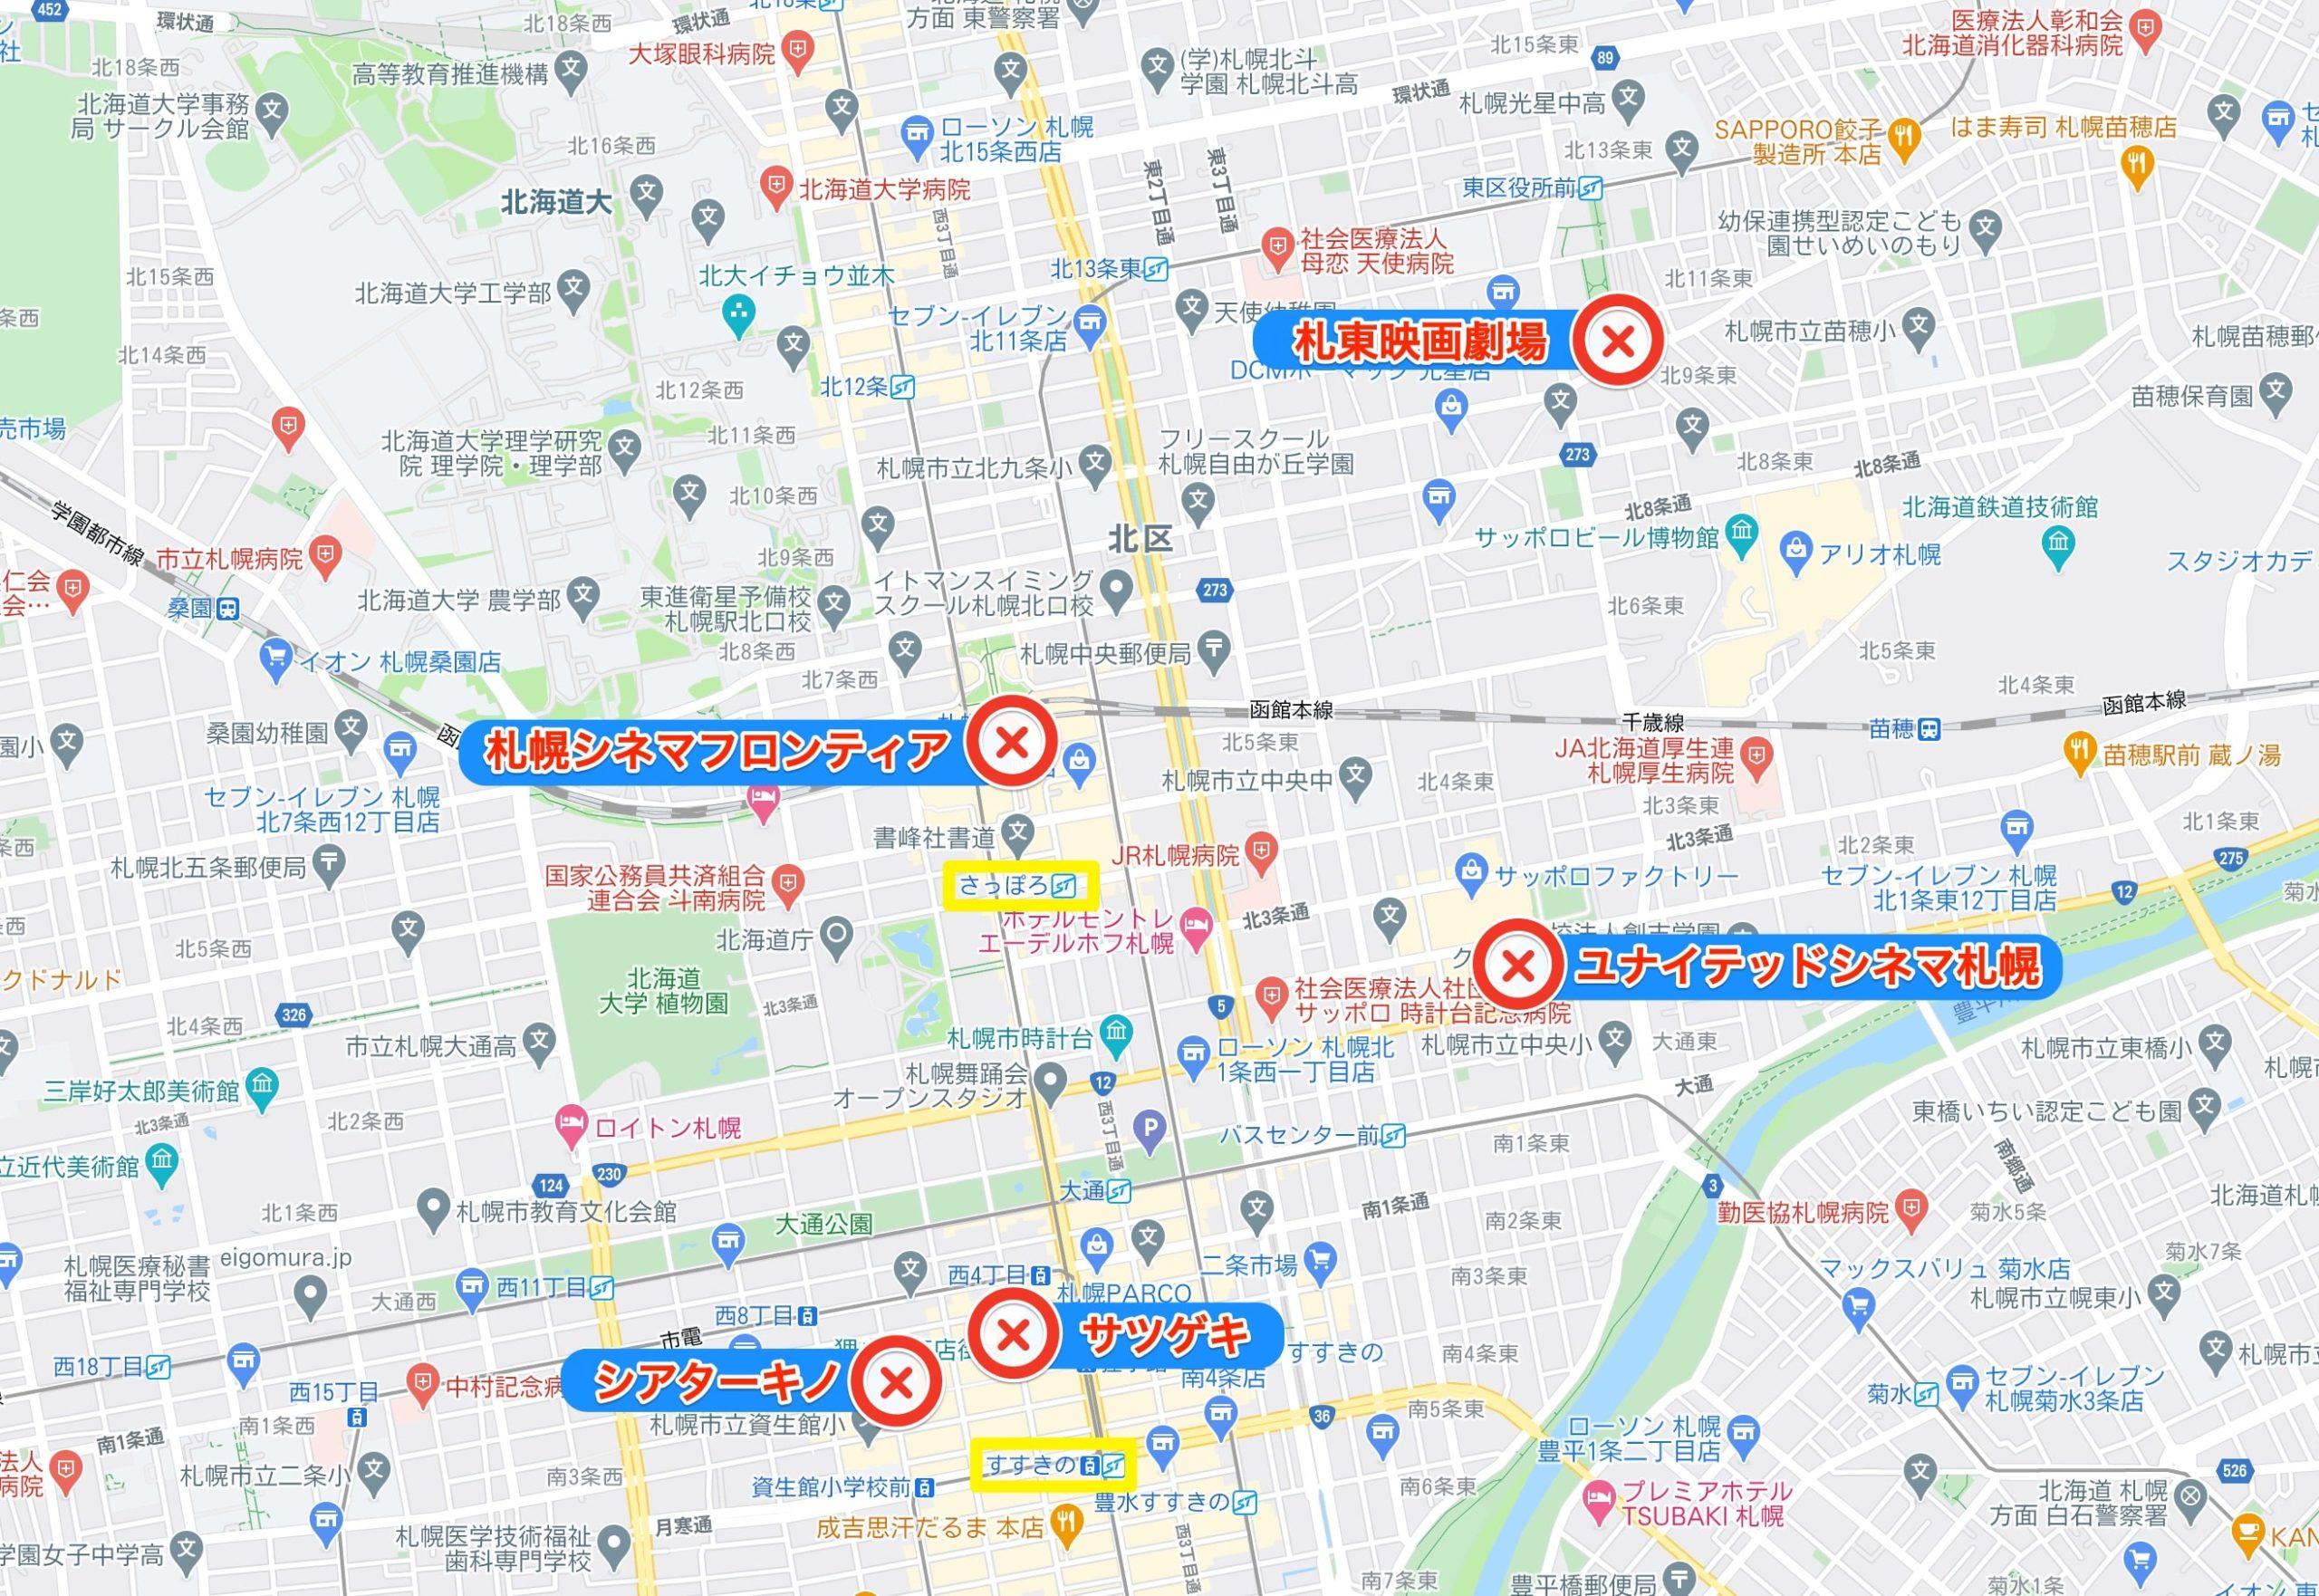 札幌映画館一覧地図